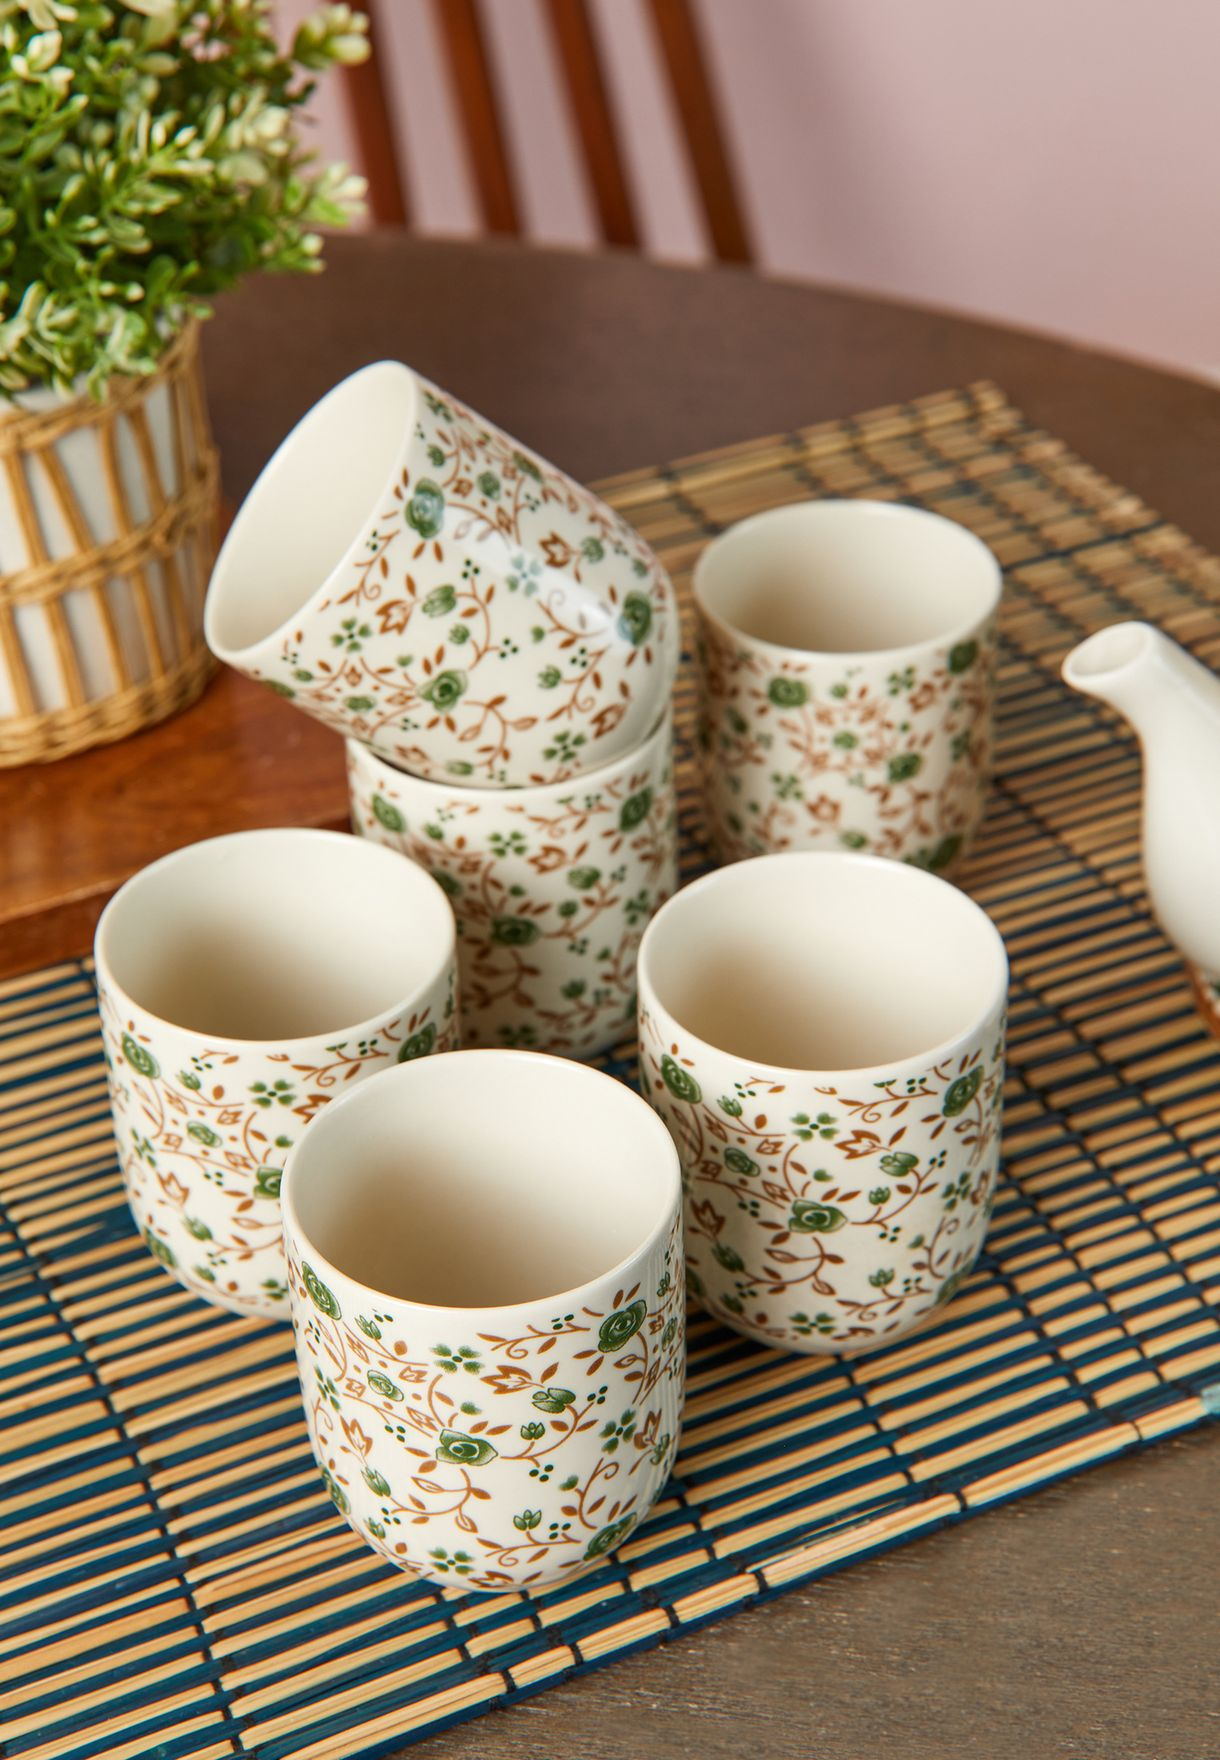 طقم فناجين شاي وابريق بطبعات ازهار 7 قطع